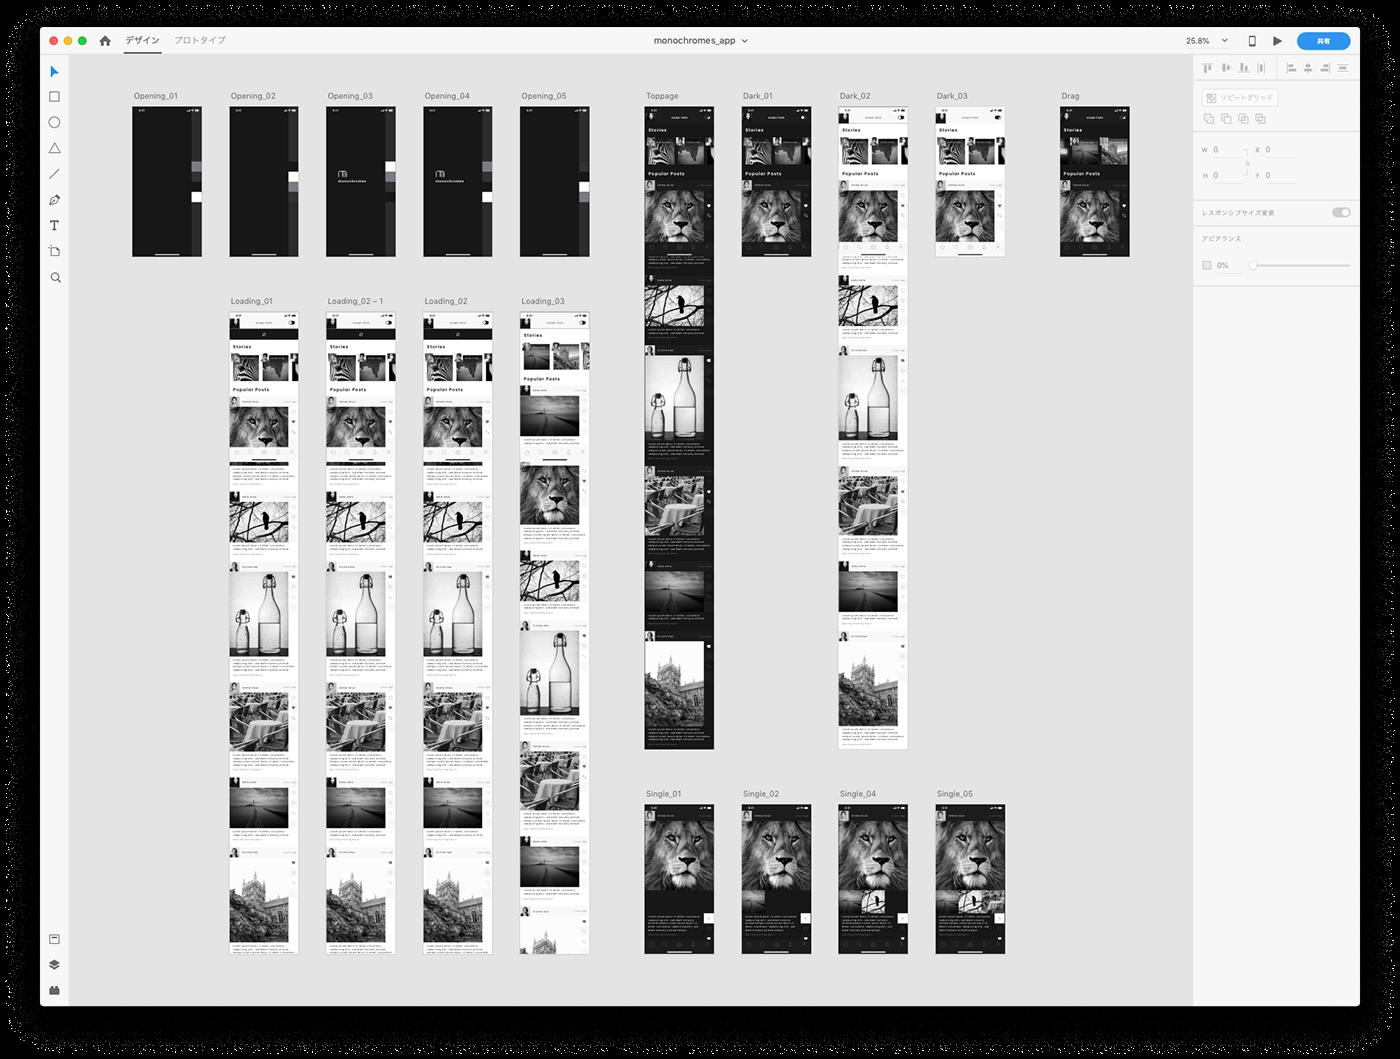 adobexd xD app prototype プロトタイプ アイコン Icon アプリ monochrome black